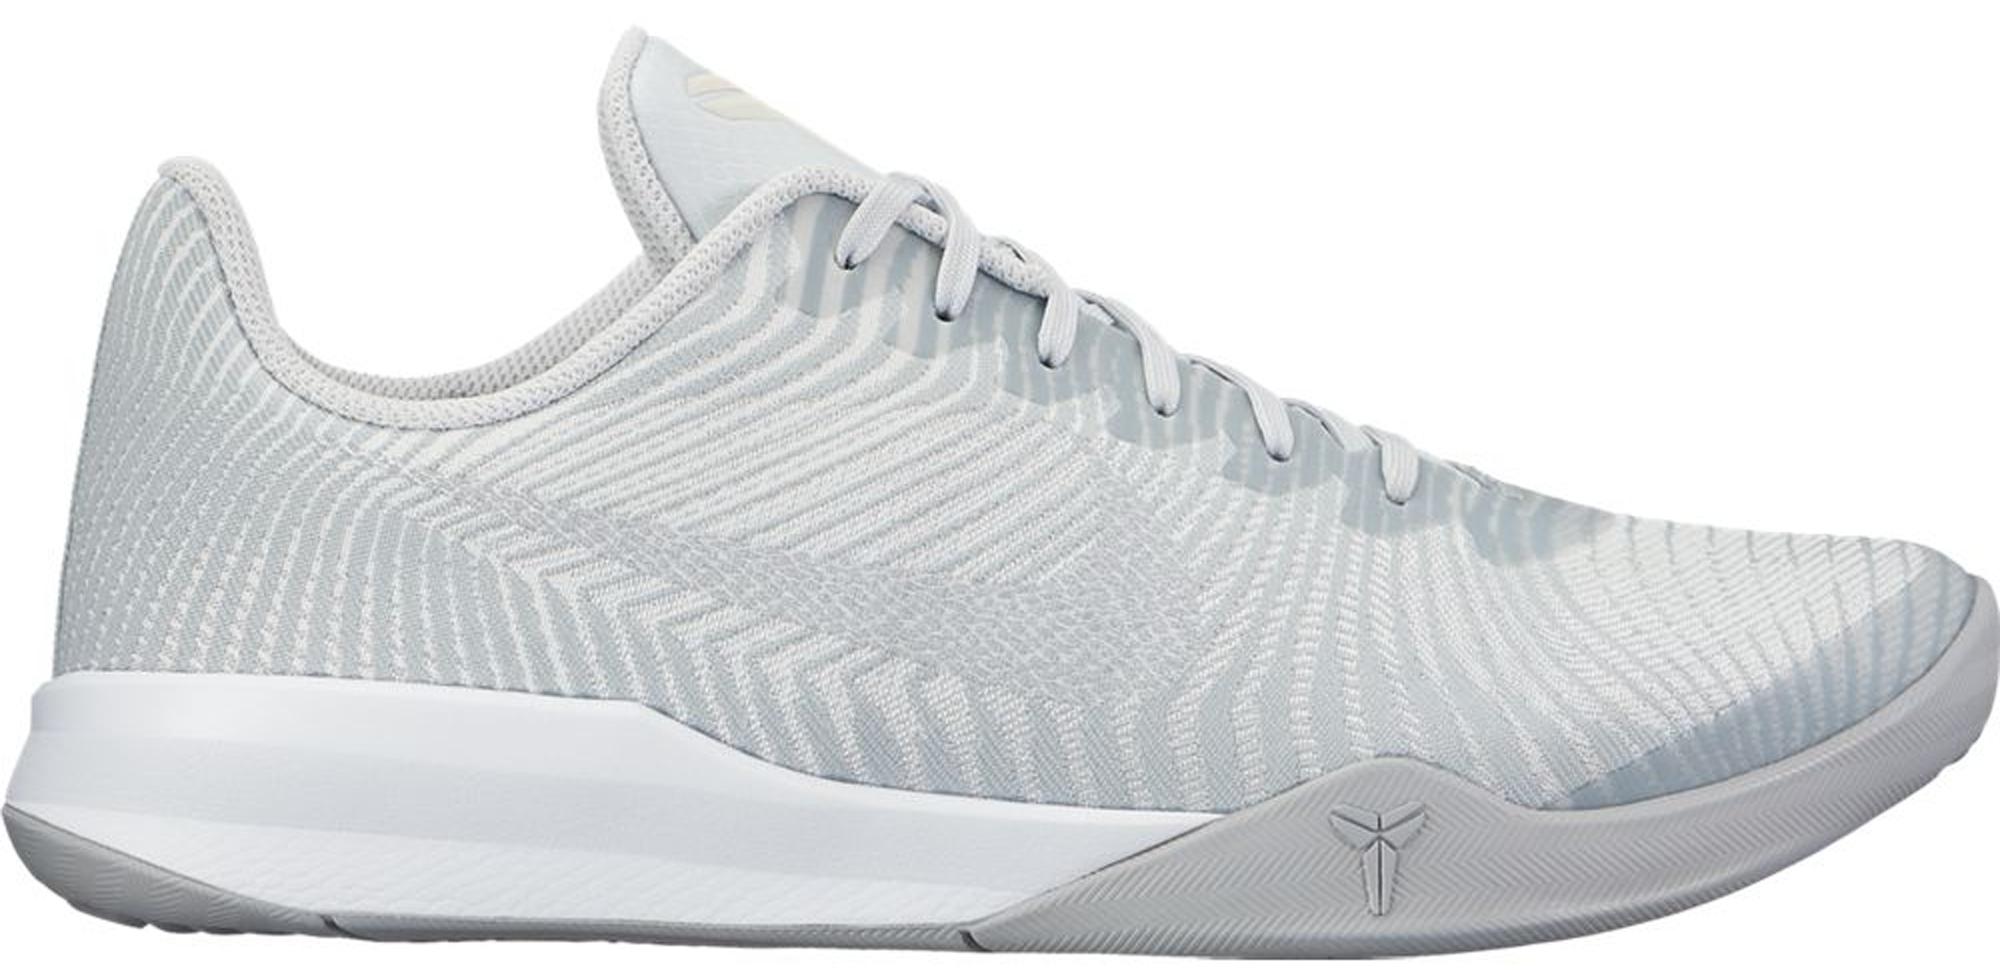 Nike Kobe Mentality 2 White Grey